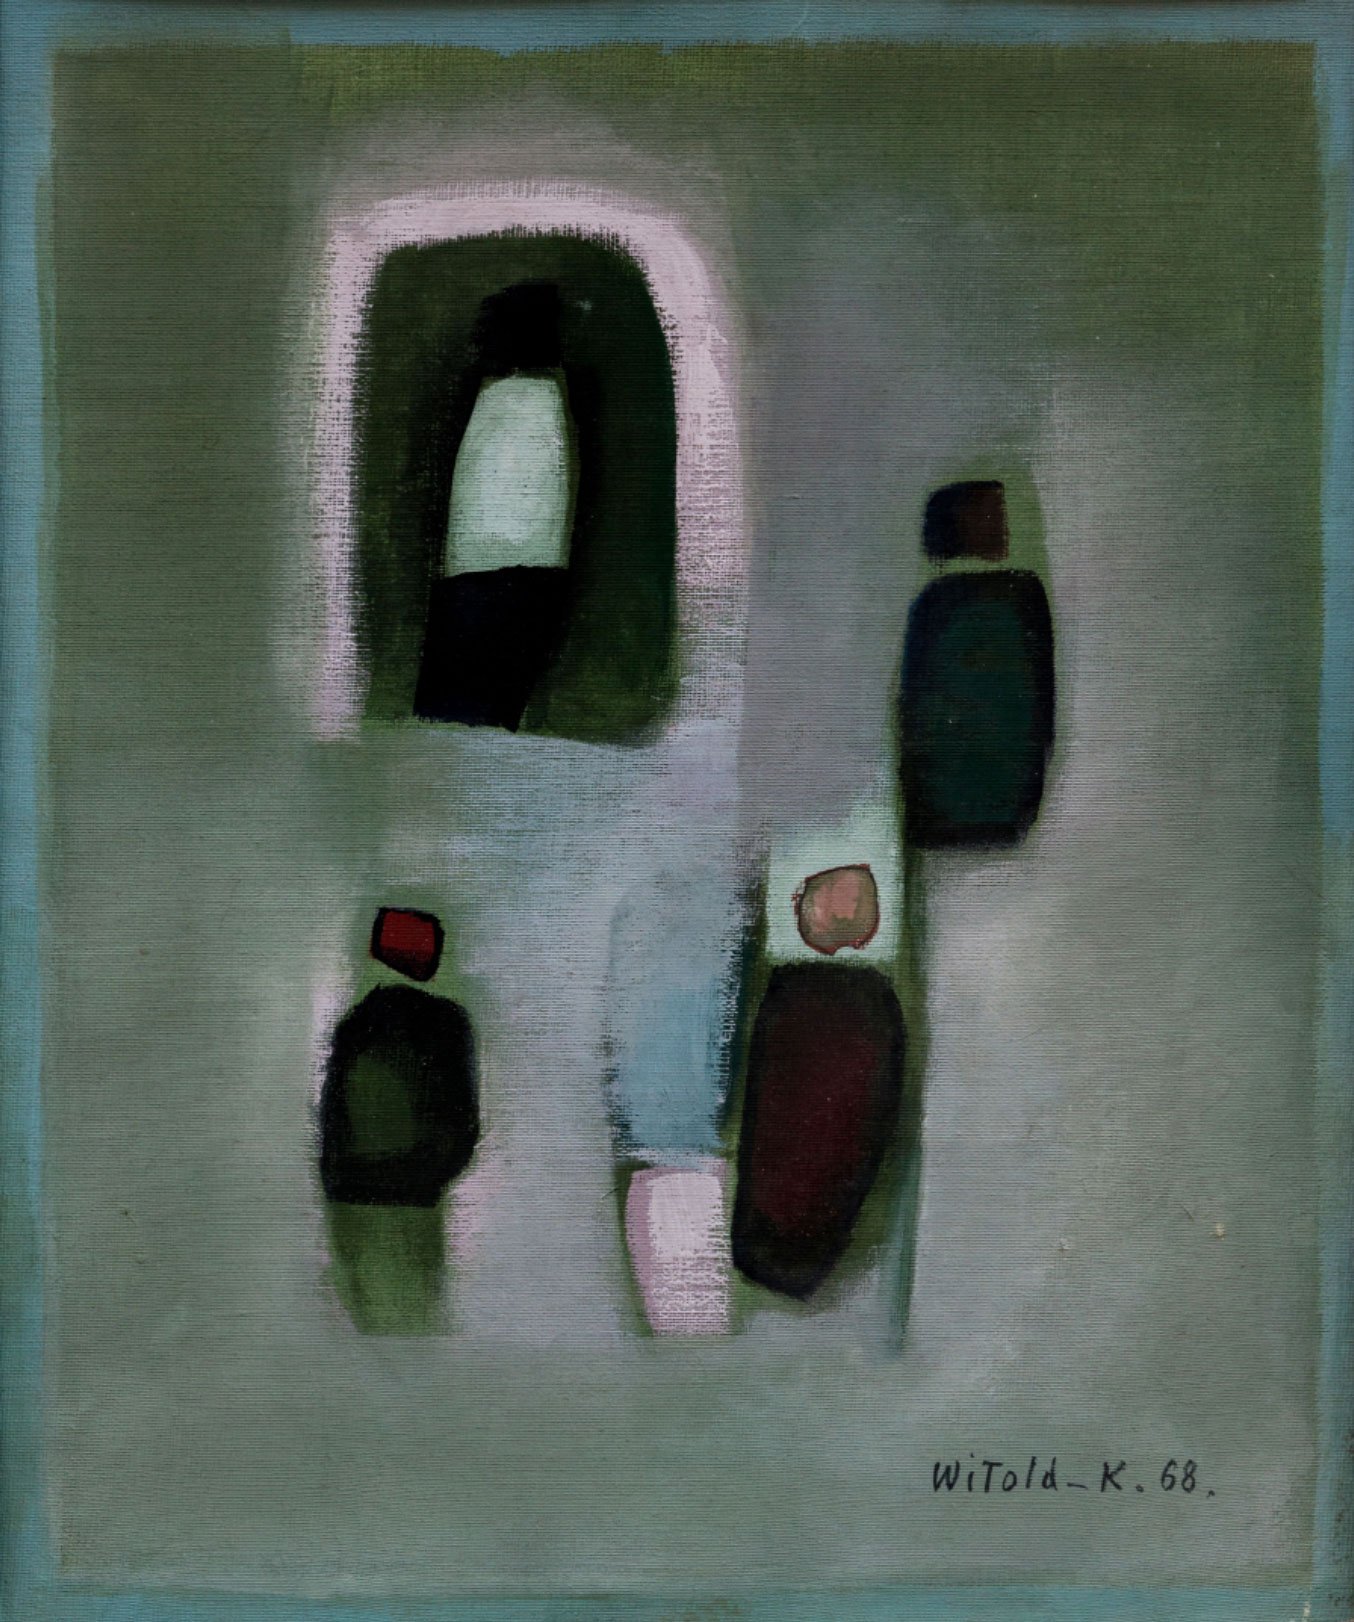 """Wit Leszek Kaczanowski (Witold-K) (ur. 1932)  """"Kompozycja z postaciami"""", źródło: Fine Art Auctions Paris"""